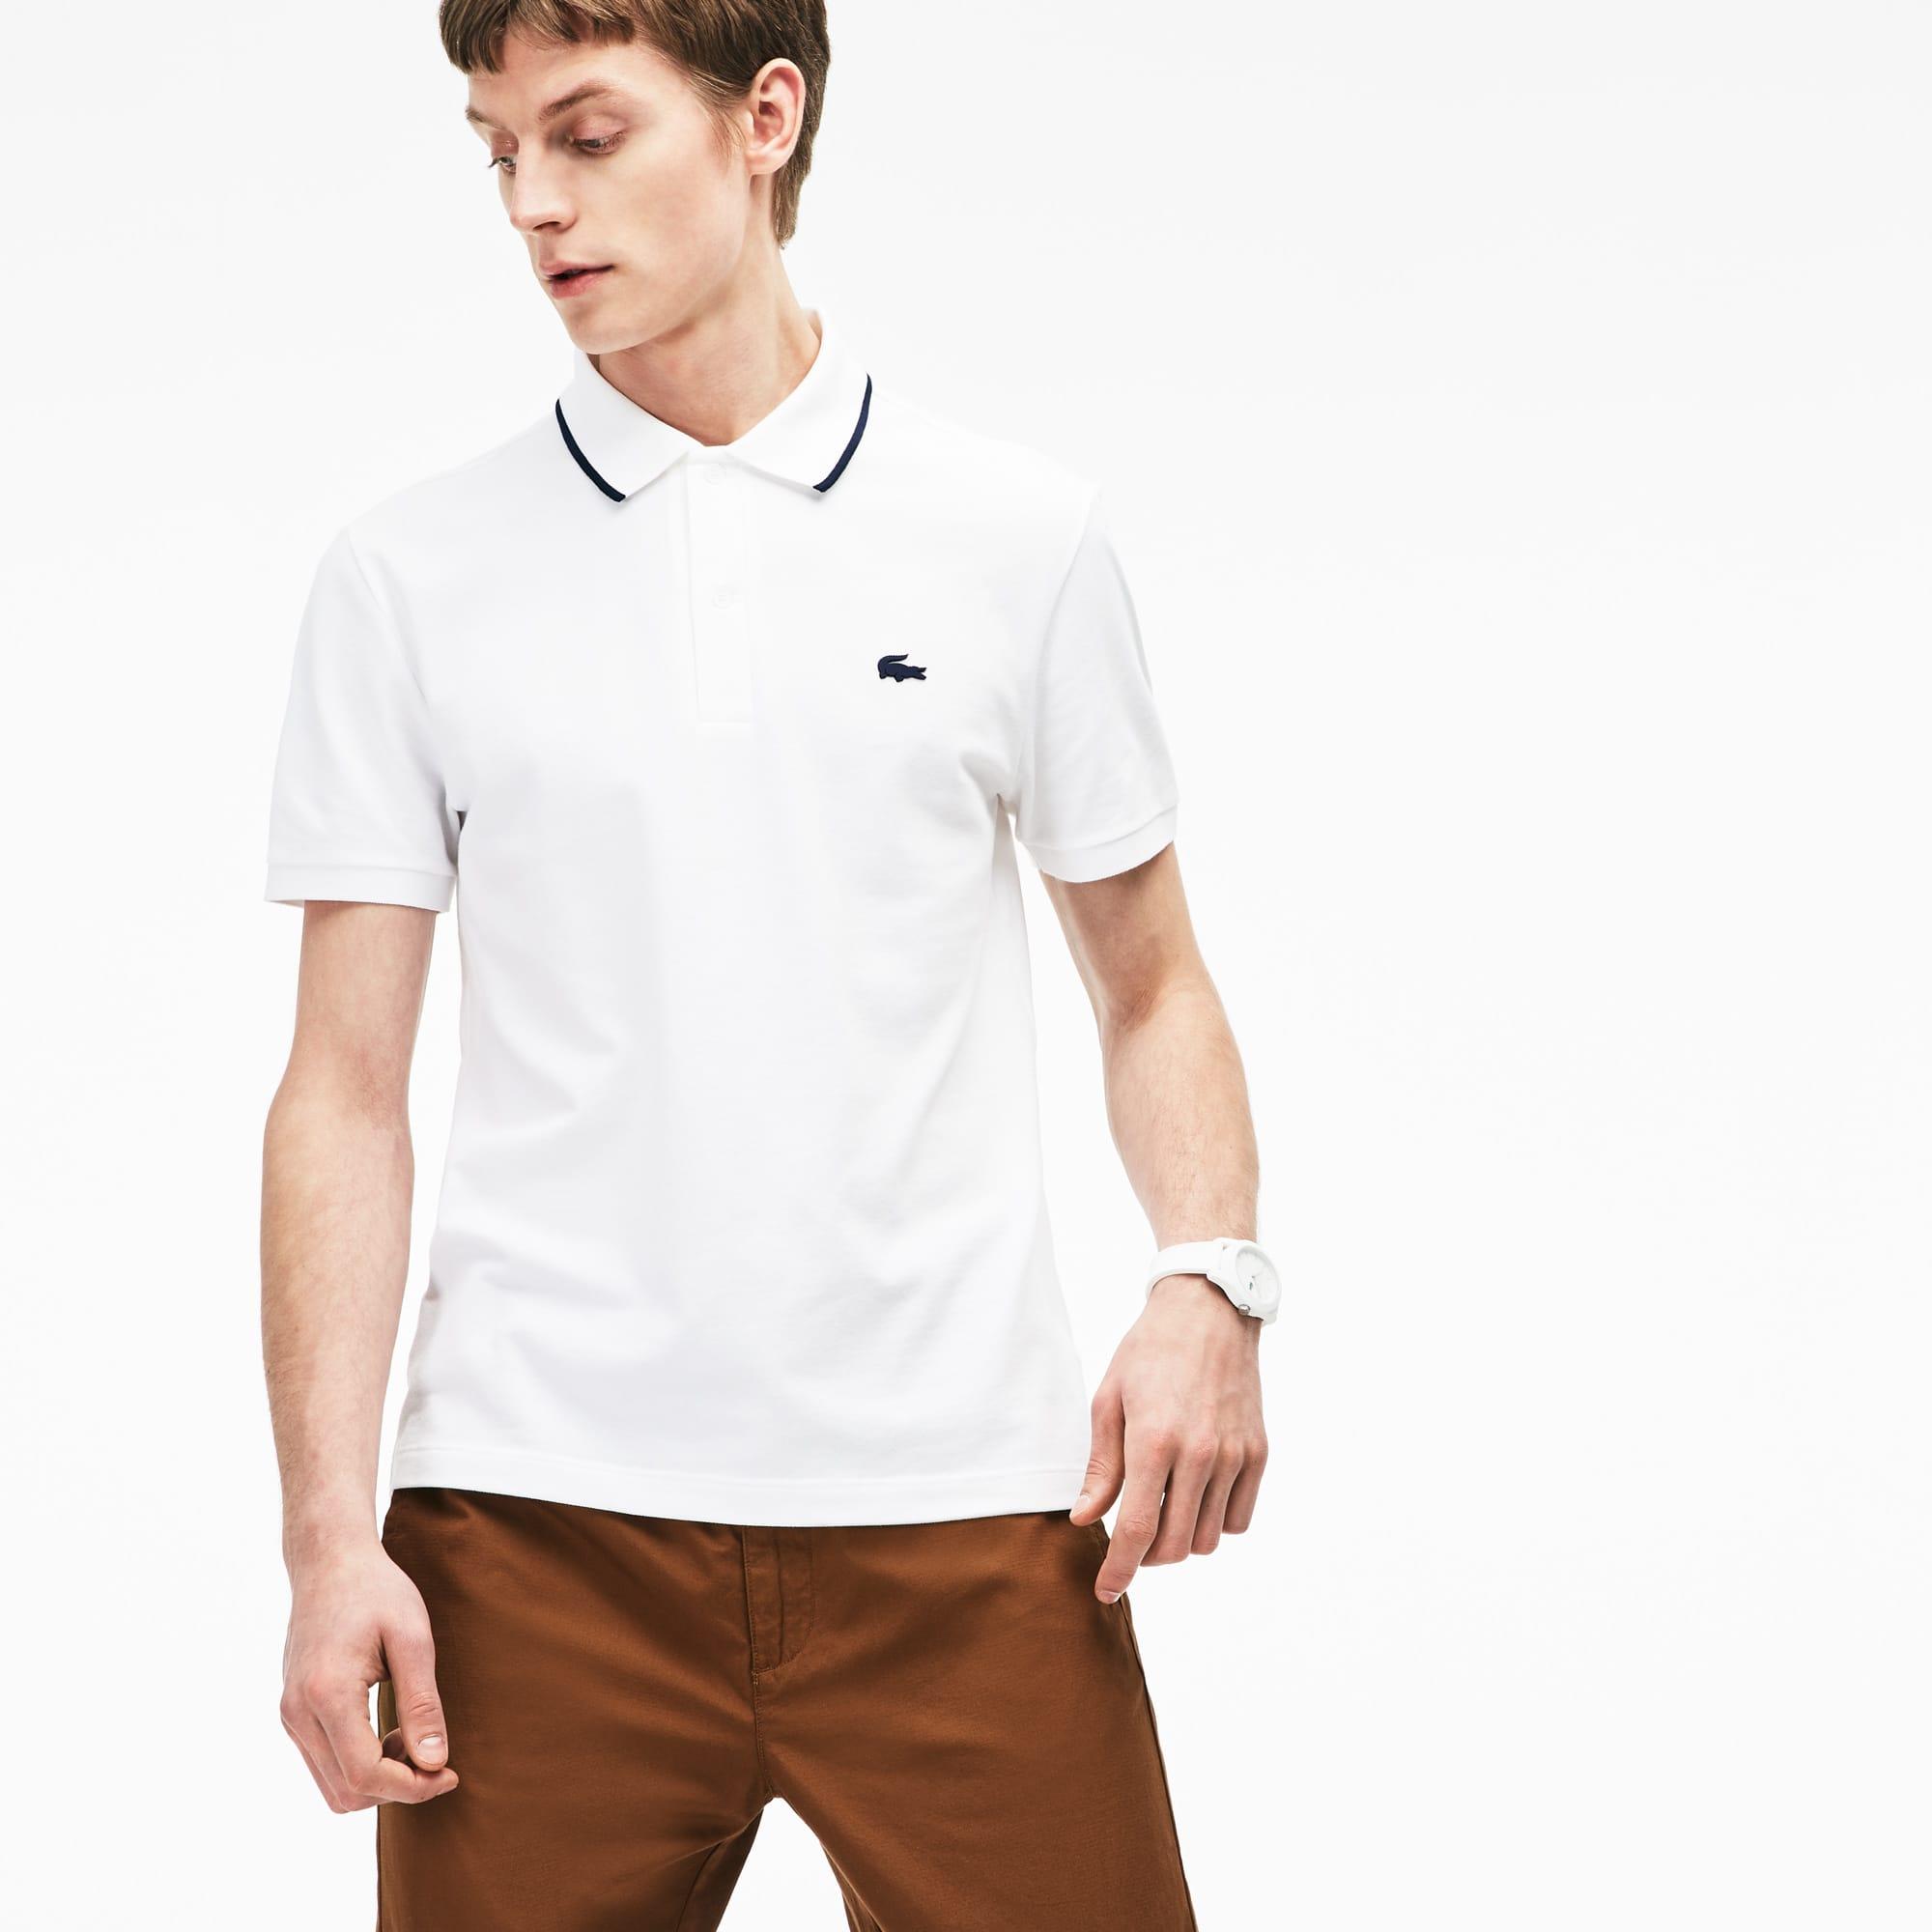 79a160cb7f5c6 Camisa Polo Lacoste Slim Fit Masculina em Algodão Pima Stretch com Gola  Debruada